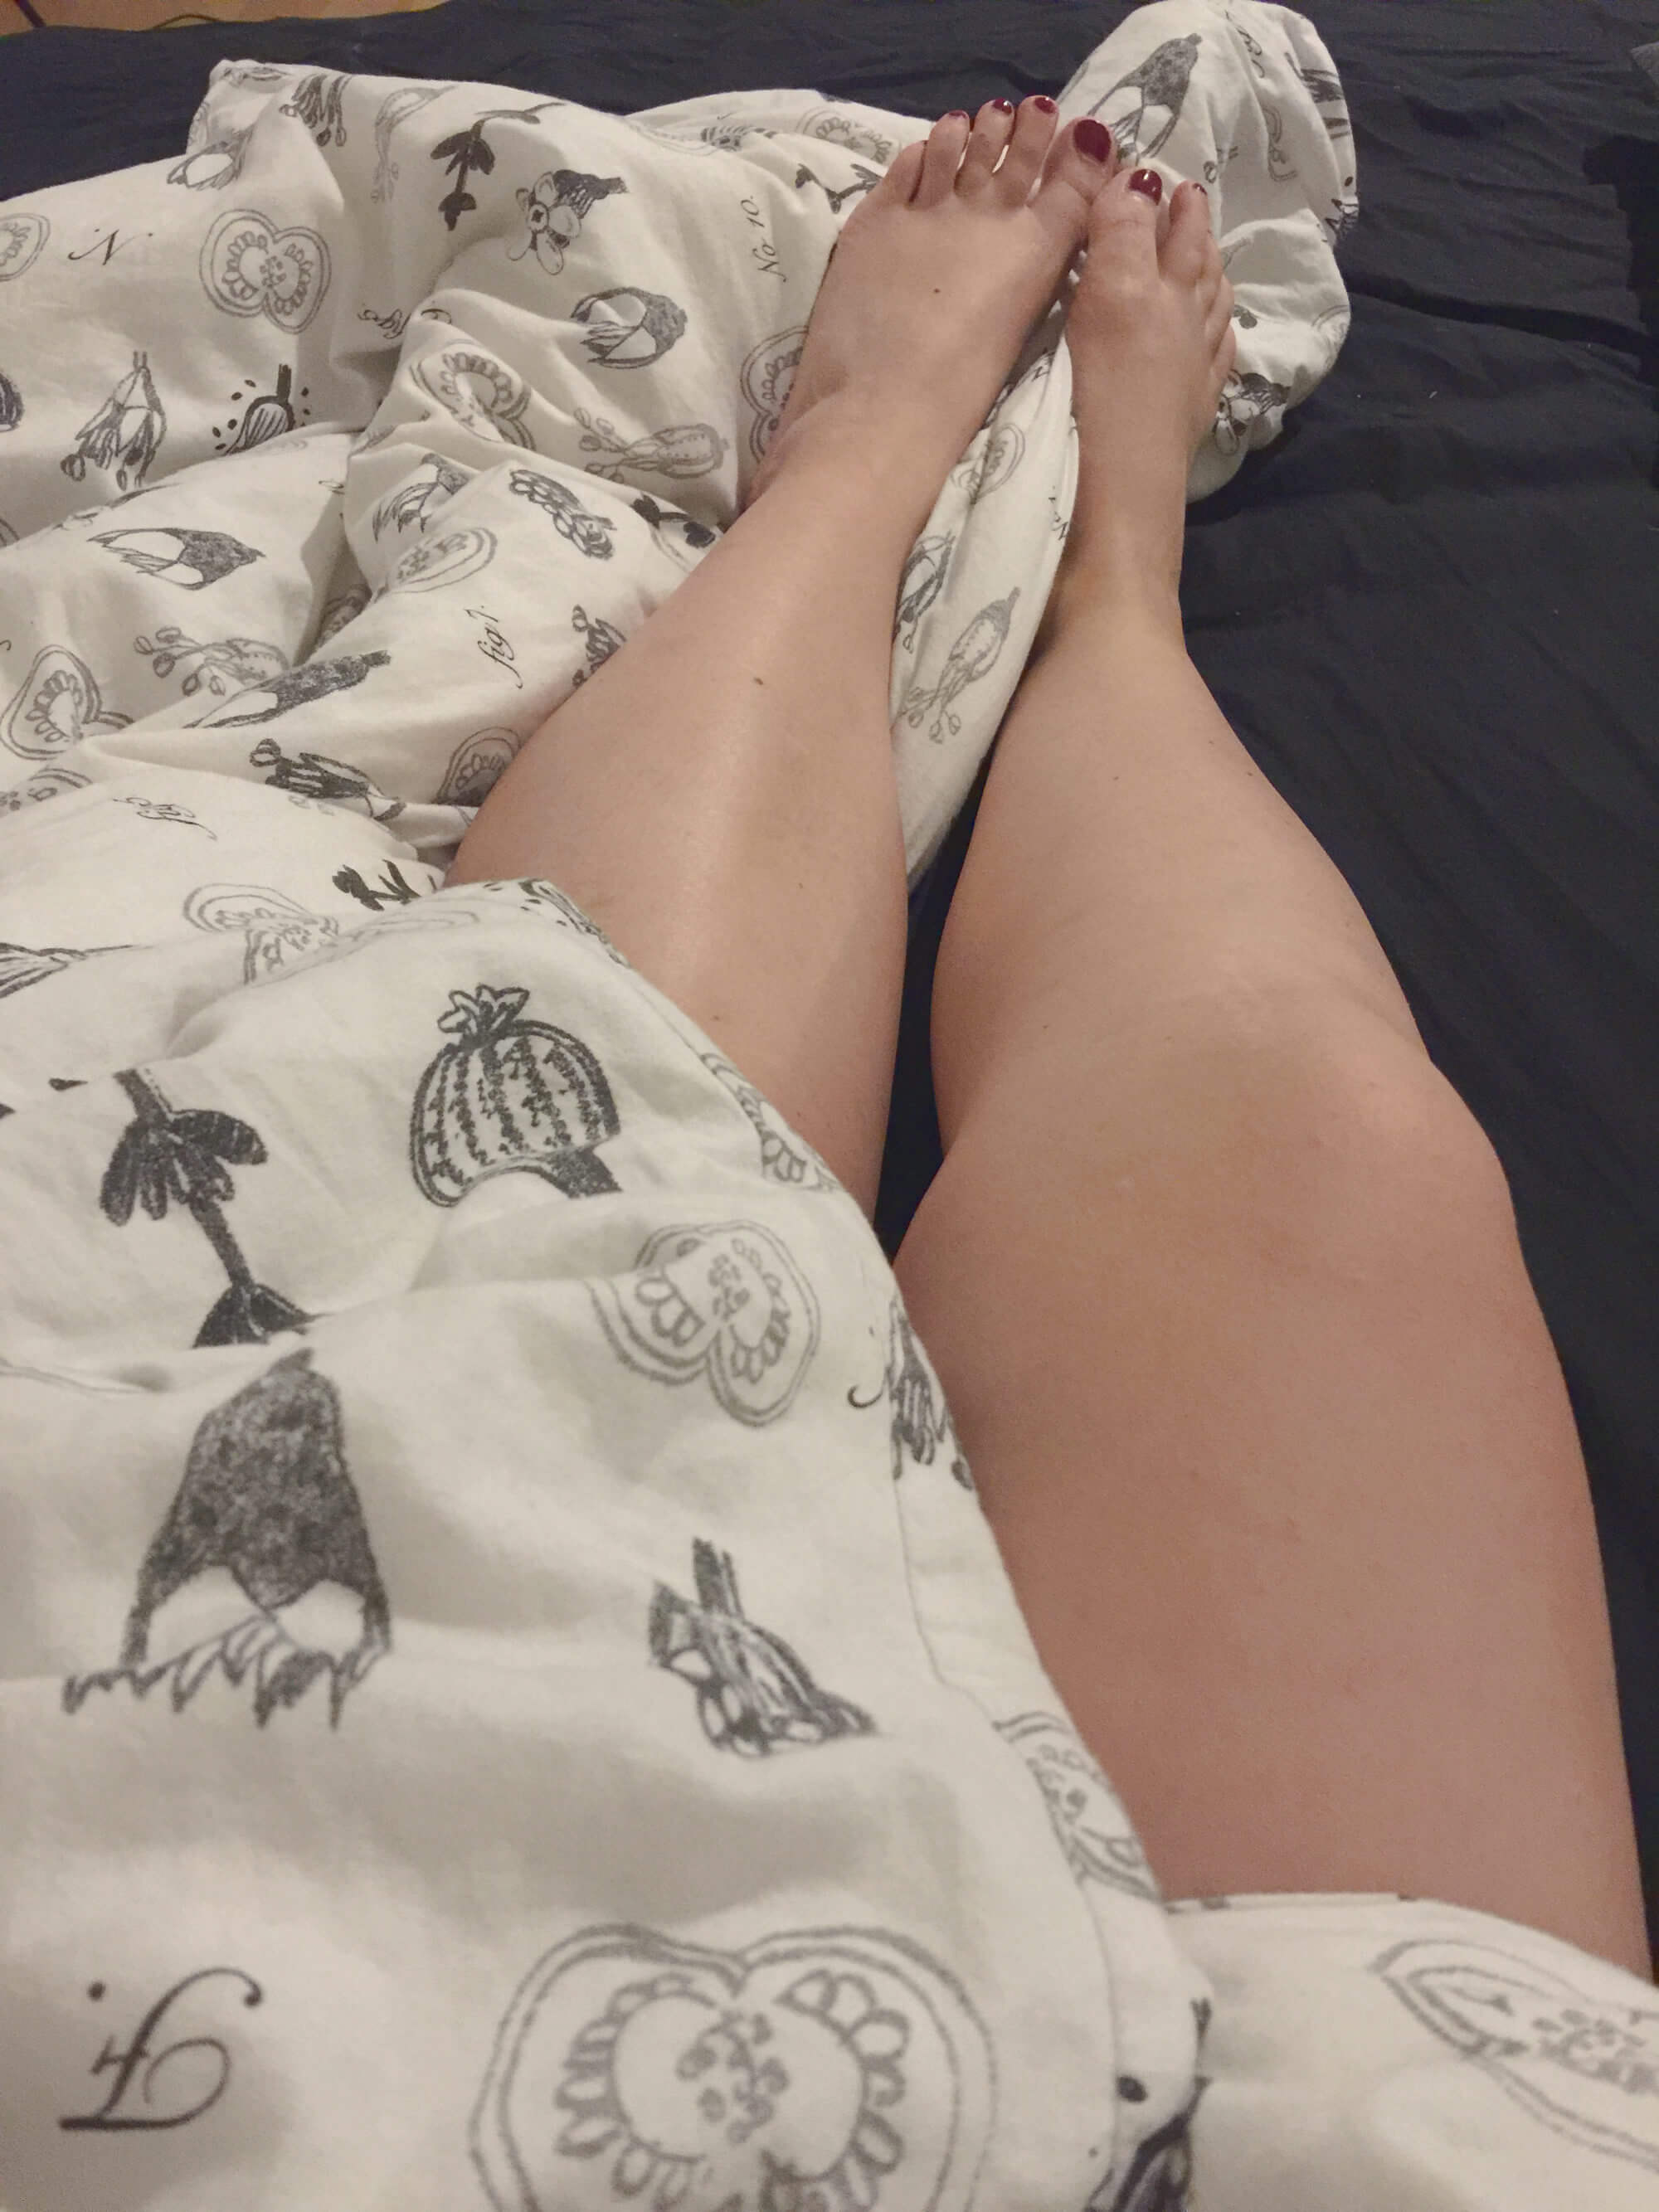 Einschlaftipps: Beine in Bett mit Bettdecke